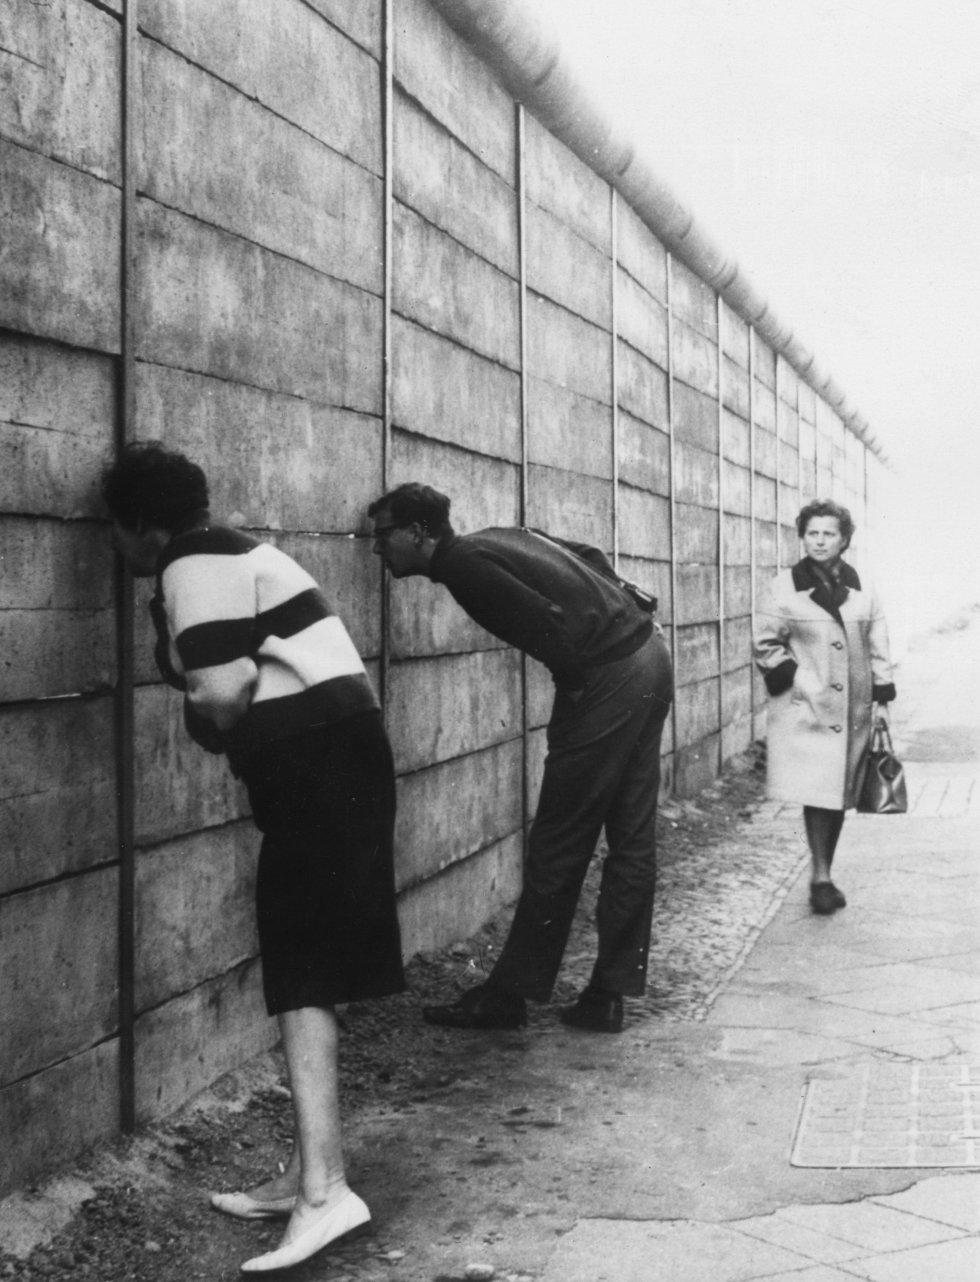 Berlineses occidentales mirando a través del Muro de Berlín en el sector oriente cerca de Check Point Charlie. La pared recién erigida no tiene alambre de púas. Los tubos hacen que sea difícil lograr un apoyo a alguien que trate pasar por encima. Imagen de archivo del 3 de octubre de 1966.